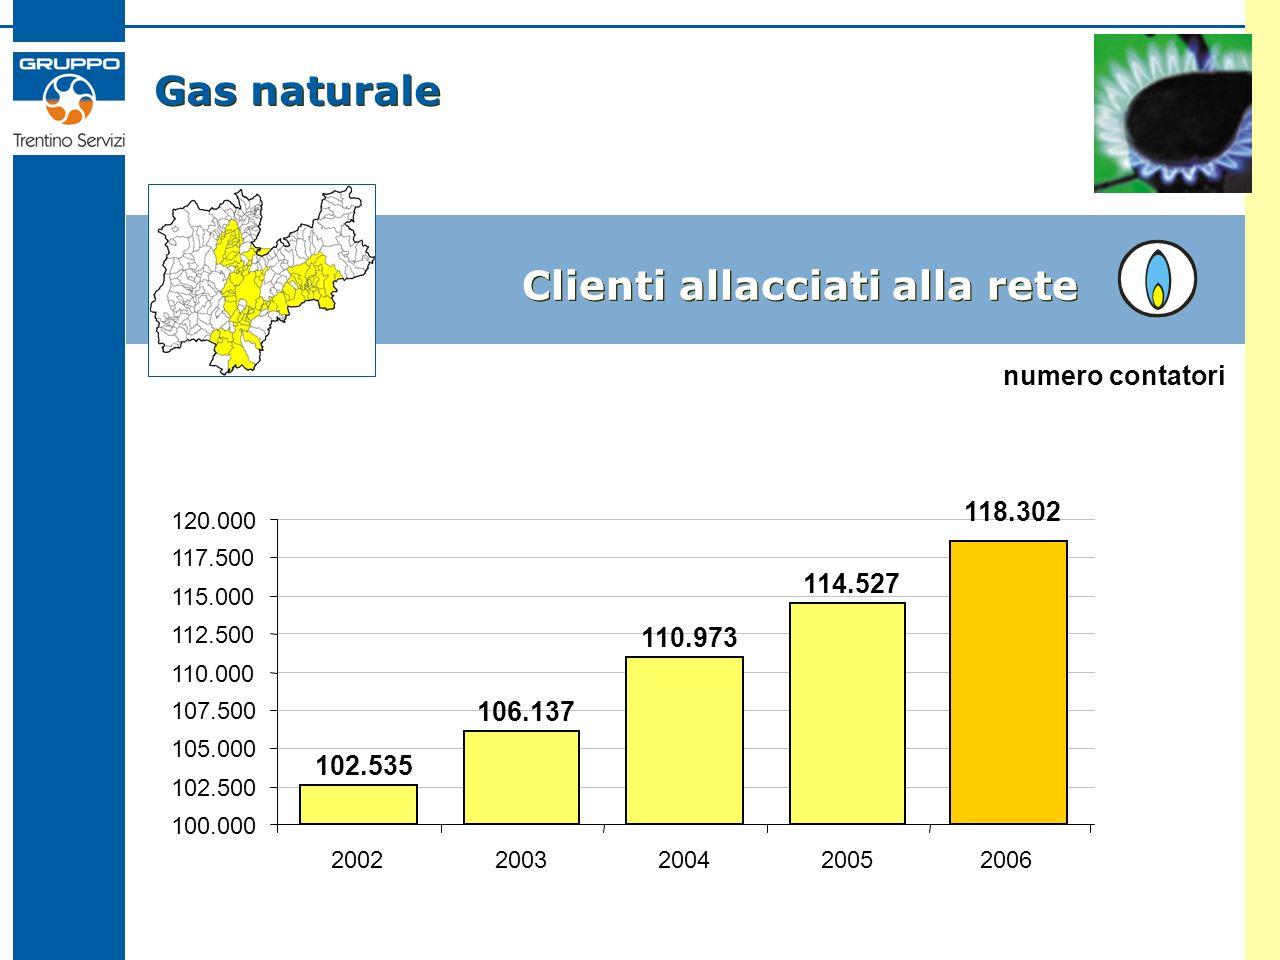 Gas naturale Clienti allacciati alla rete 102.535 106.137 110.973 114.527 100.000 102.500 105.000 107.500 110.000 112.500 115.000 117.500 120.000 2002